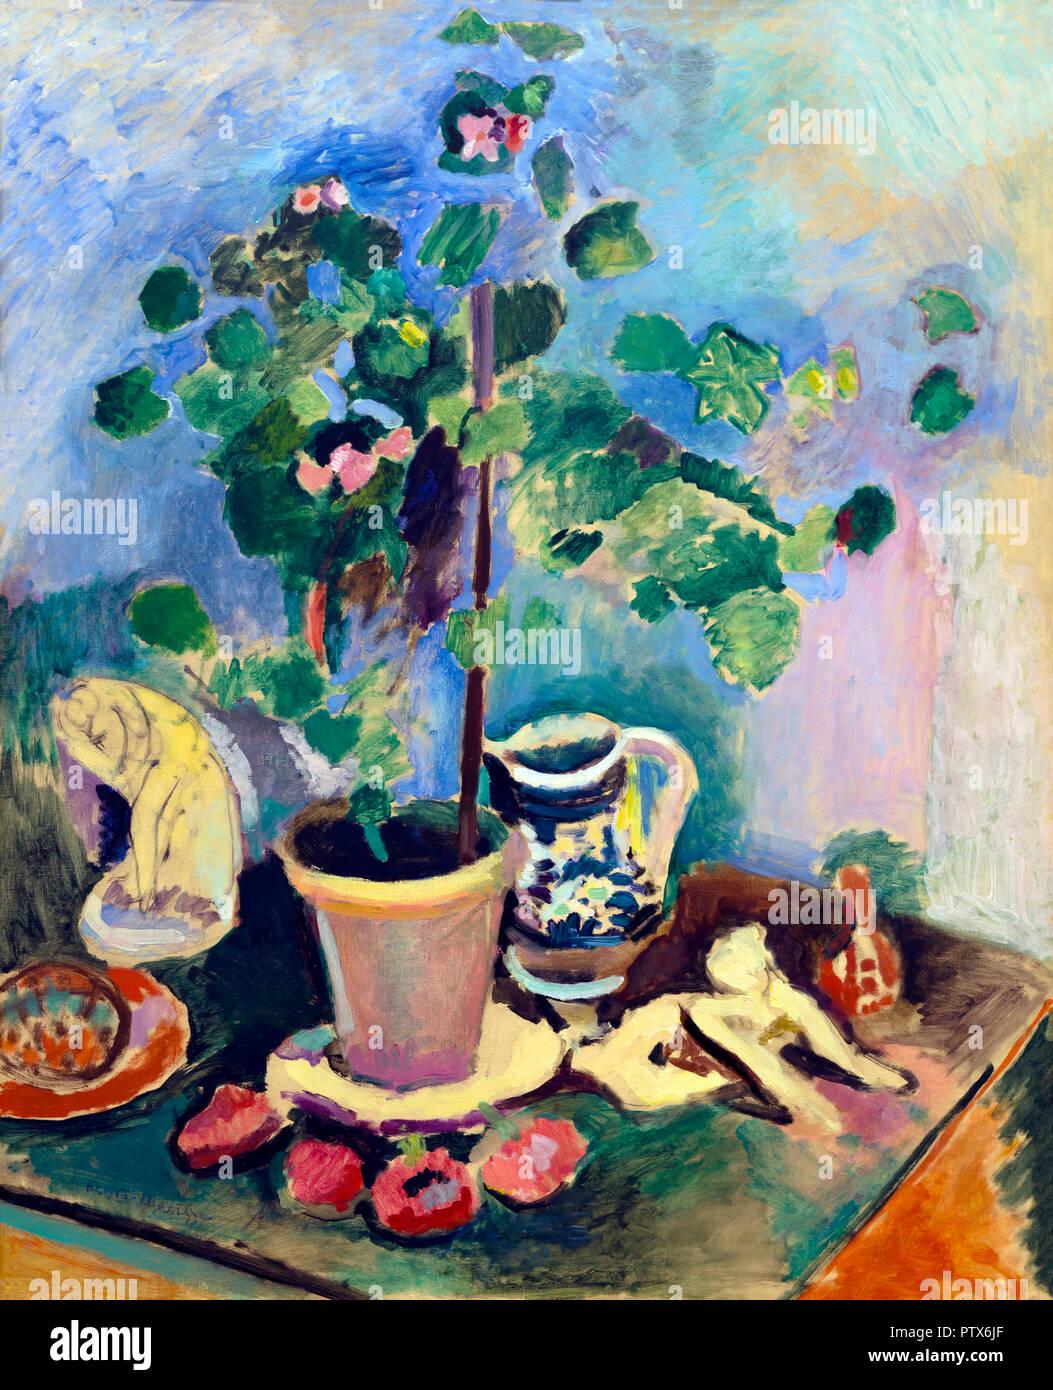 The Geranium, Henri Matisse, 1906, Art Institute of Chicago, Chicago, Illinois, USA, North America - Stock Image